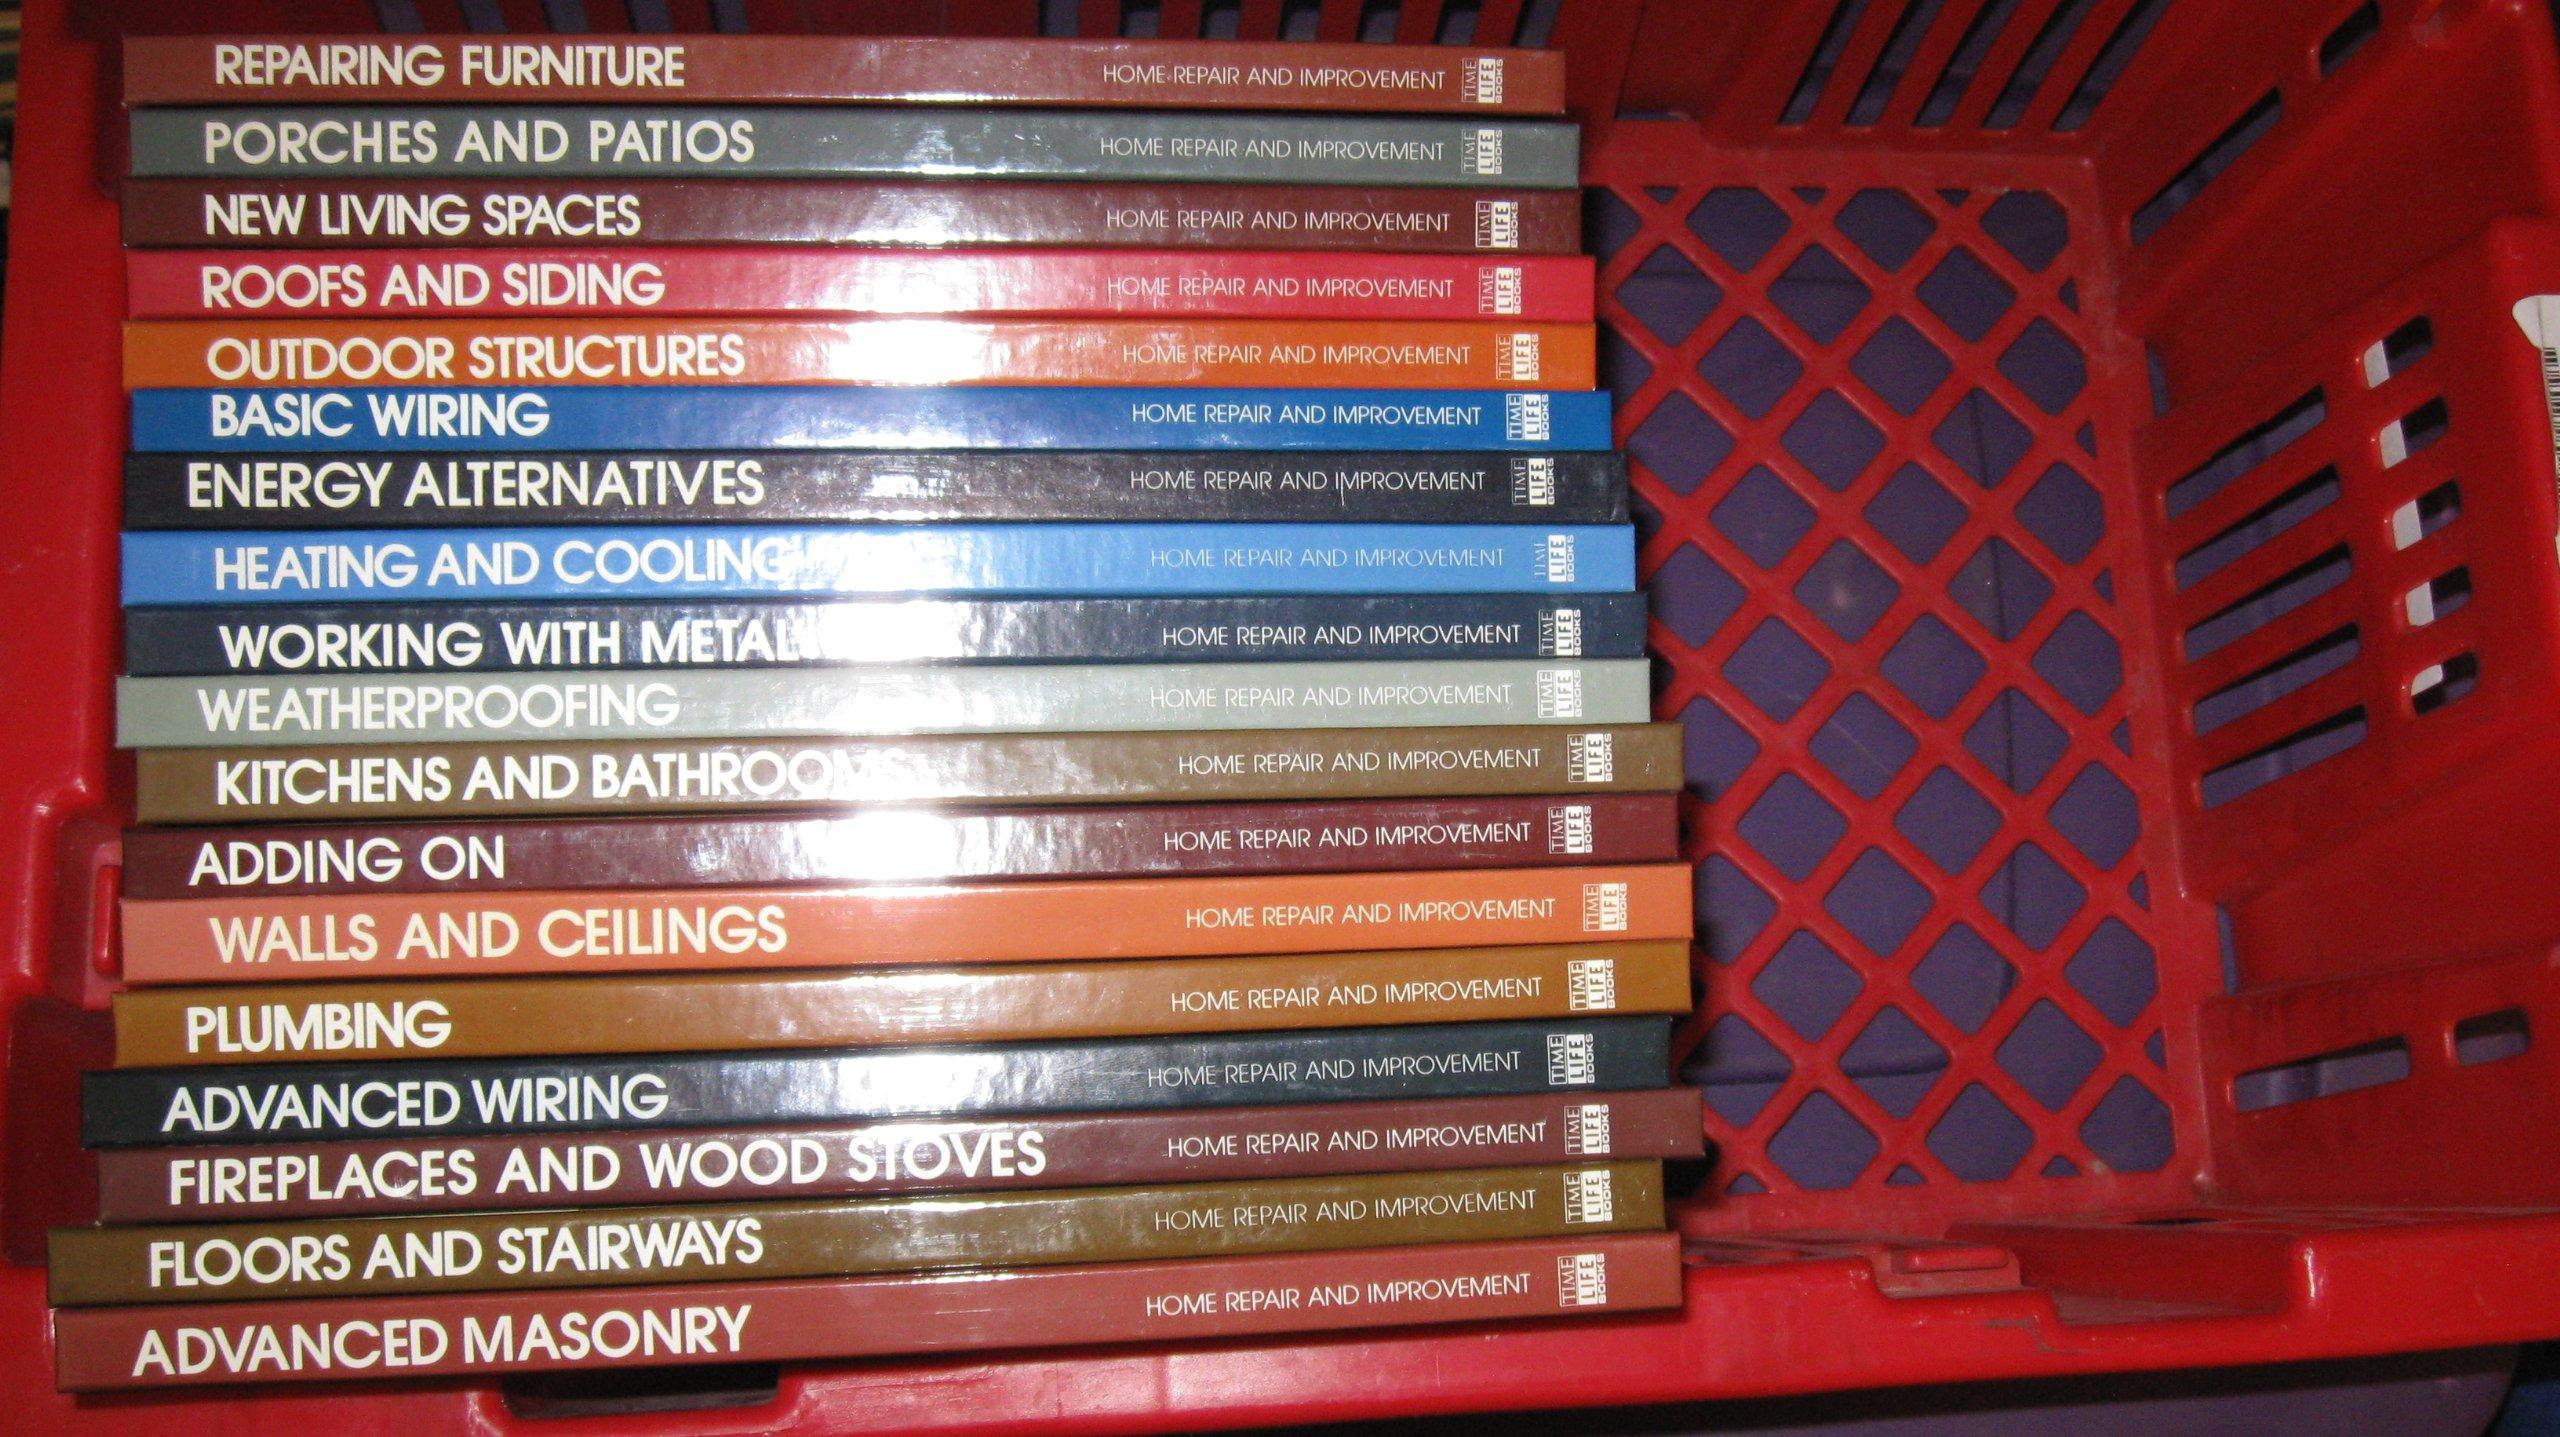 Home Repair and Improvement Series -- 18 Volume Set (Home Repair and  Improvement): Amazon.com: Books